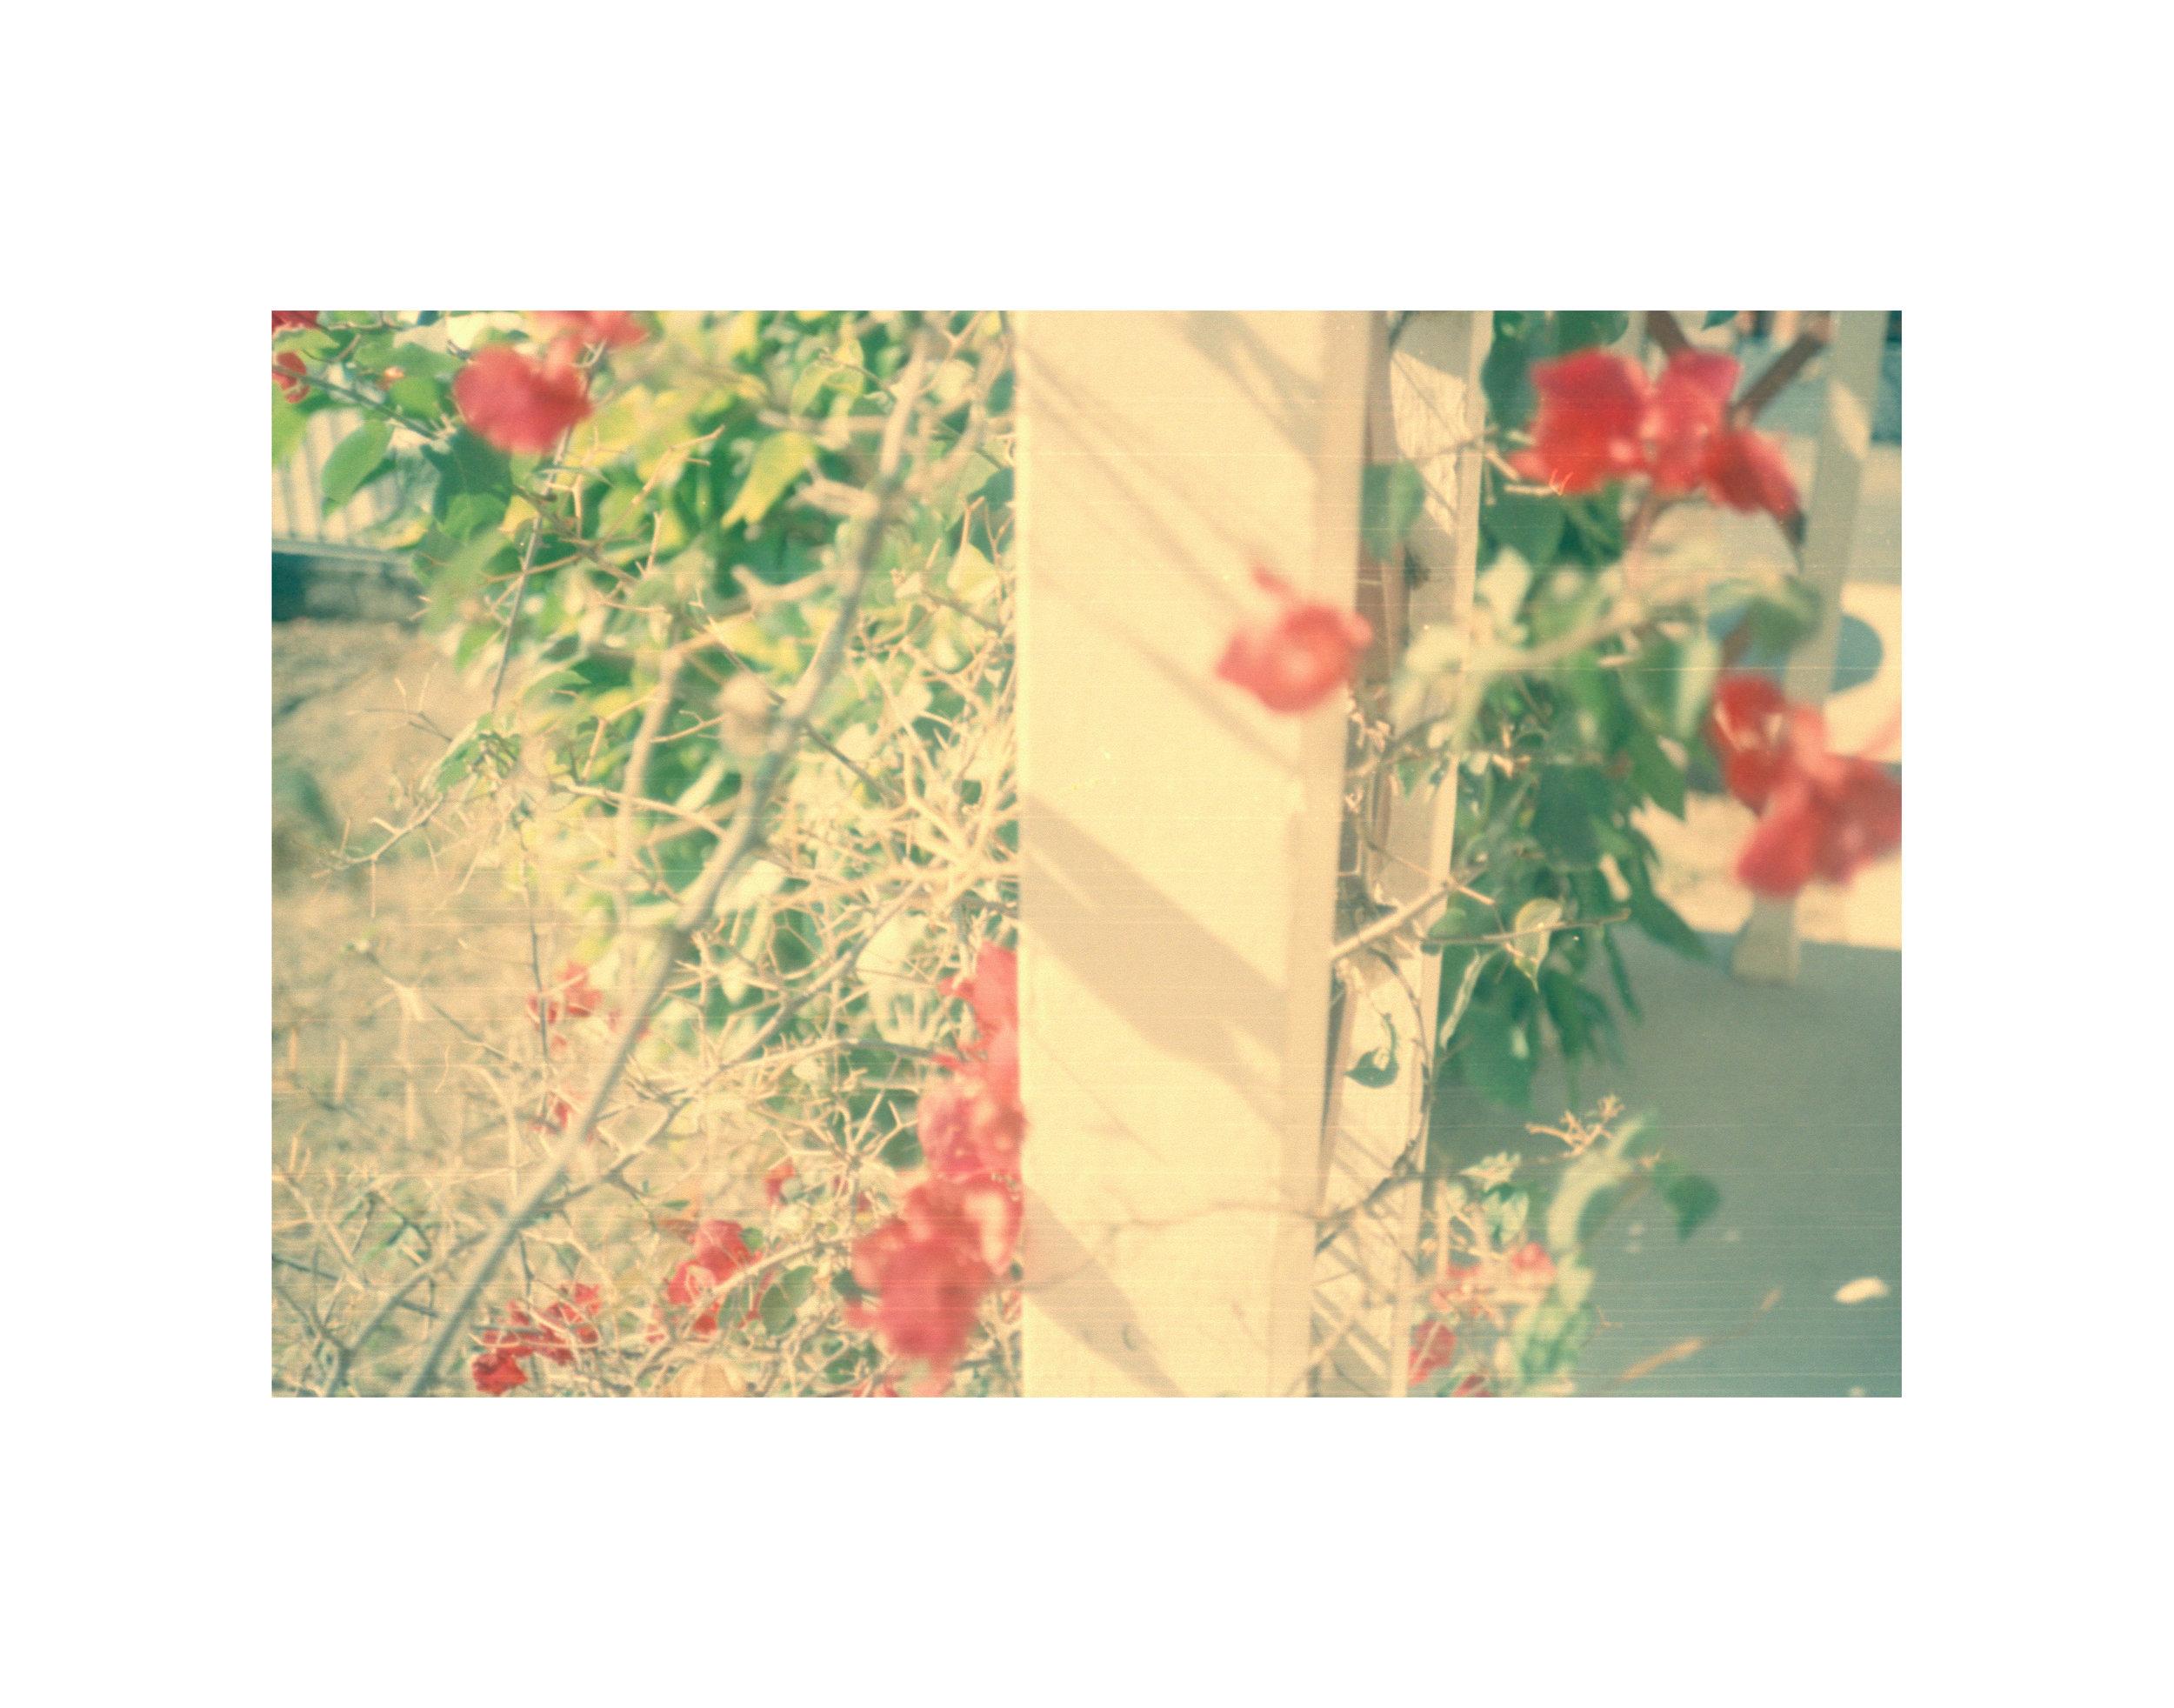 ItsNotYouItsMe-11x4-BACKGROUND-16.jpg